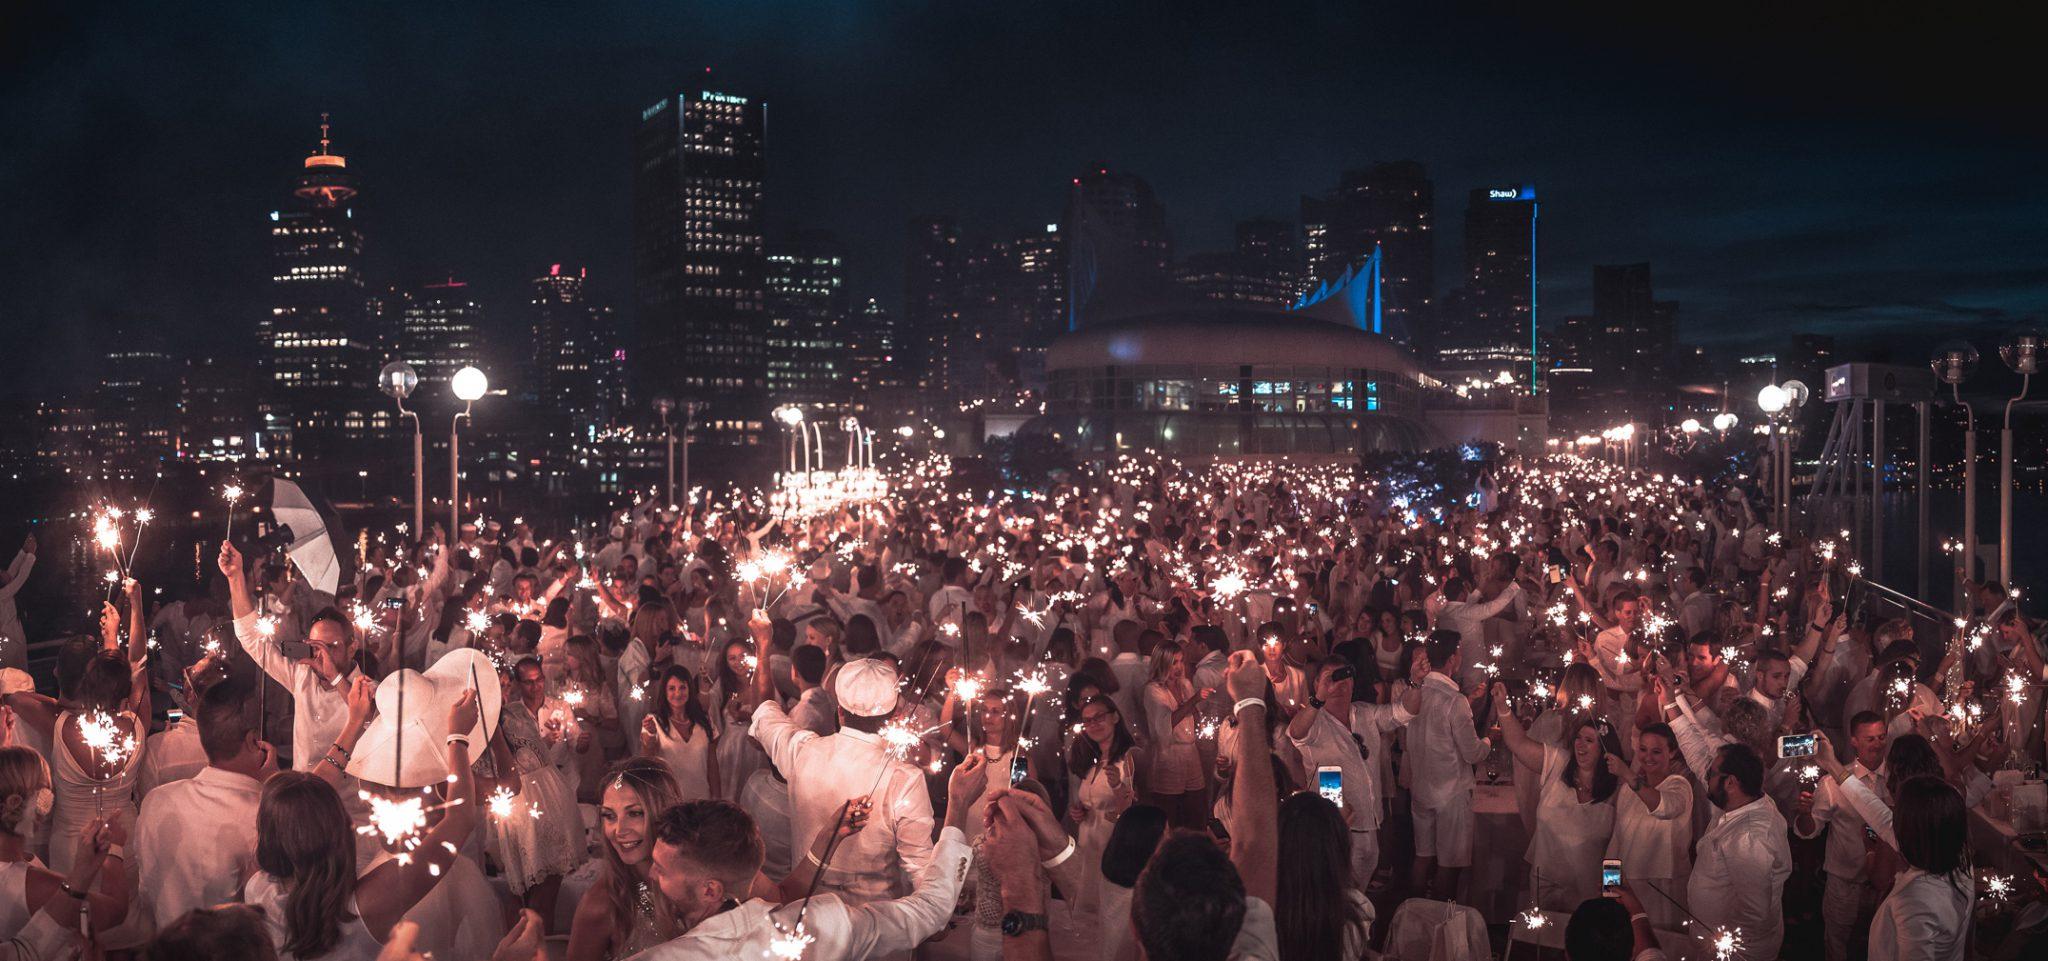 Le Dîner en Blanc celebrated by 6,000 at False Creek